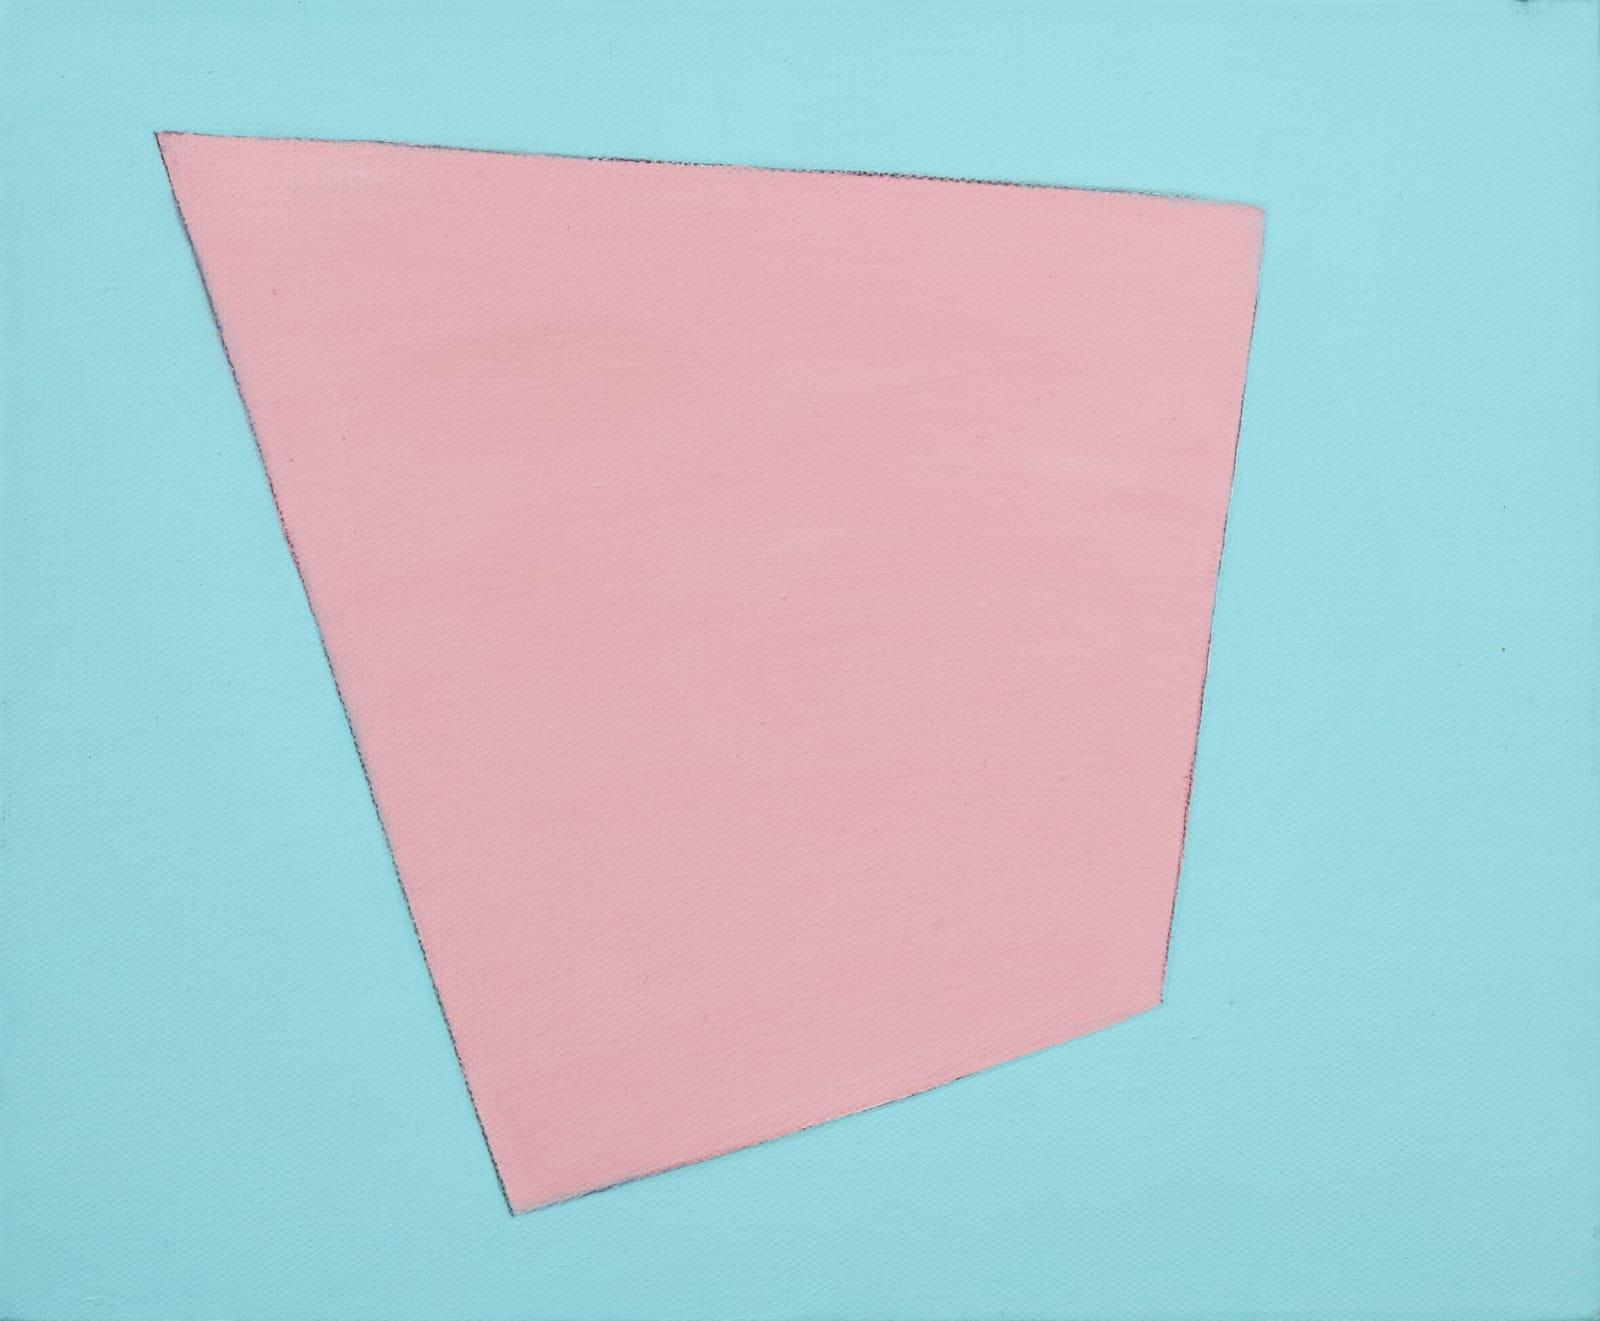 Julie Umerle, Unfolded Polygon IV, 2019